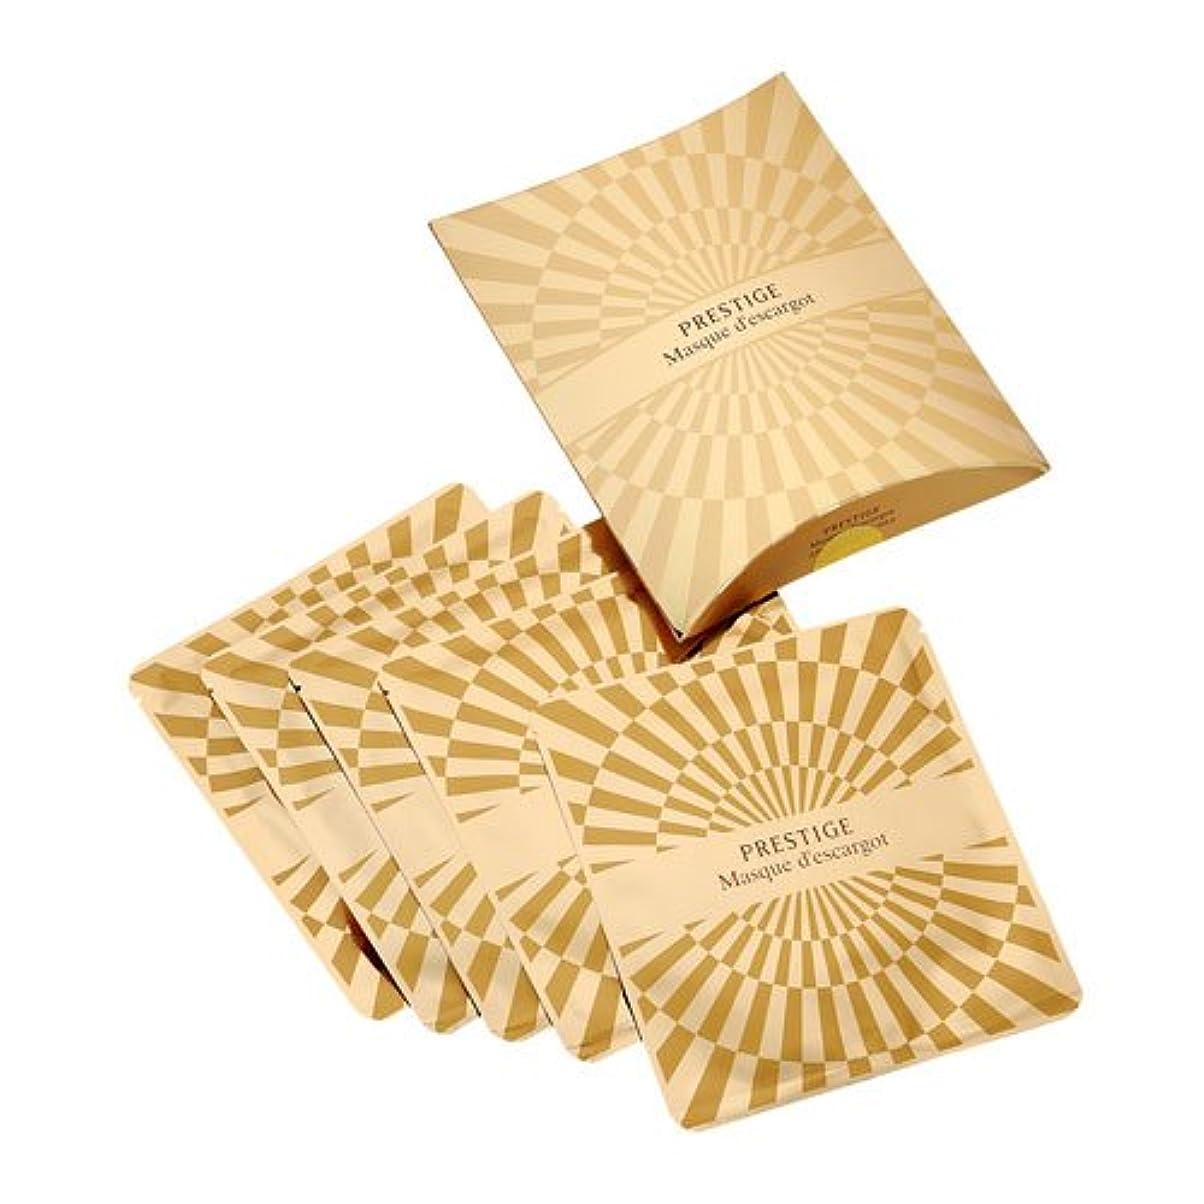 サドルベアリングサークル原始的なIt's skin(イッツスキン) かたつむり成分配合 プレステージ マスク エスカルゴ しわ改善 25g×5